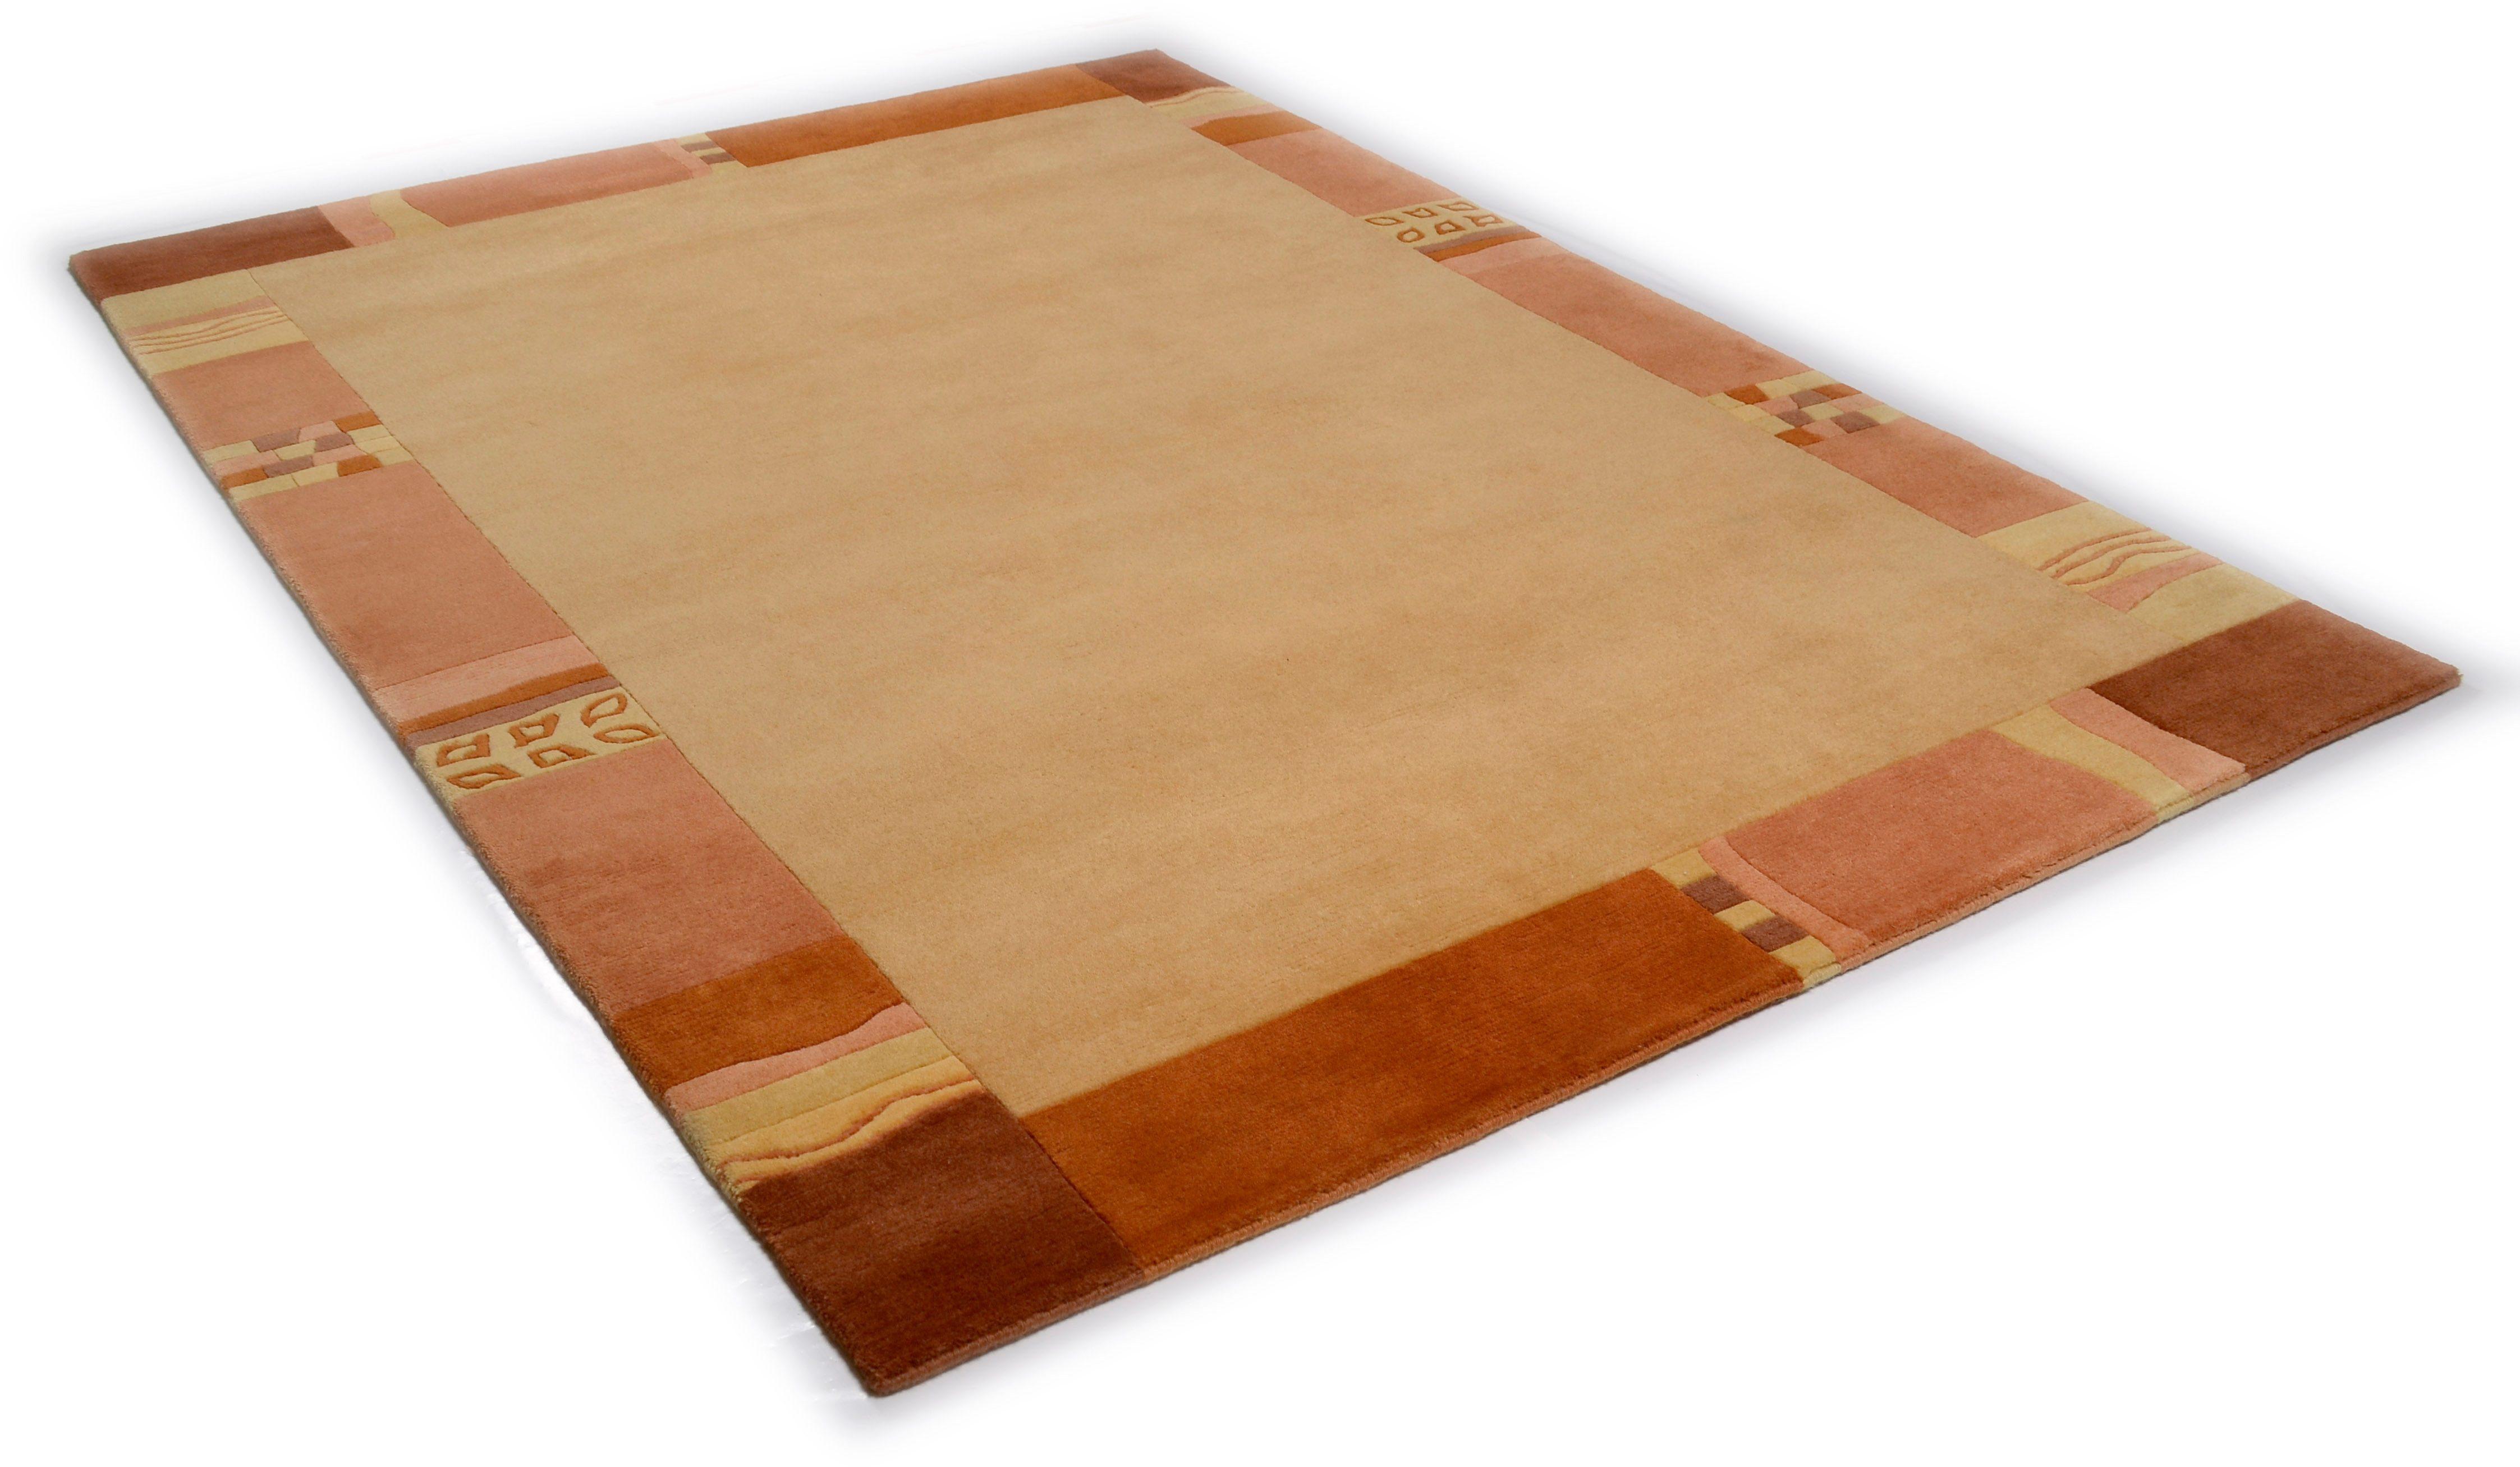 Teppich Avanti THEKO rechteckig Höhe 12 mm manuell geknüpft